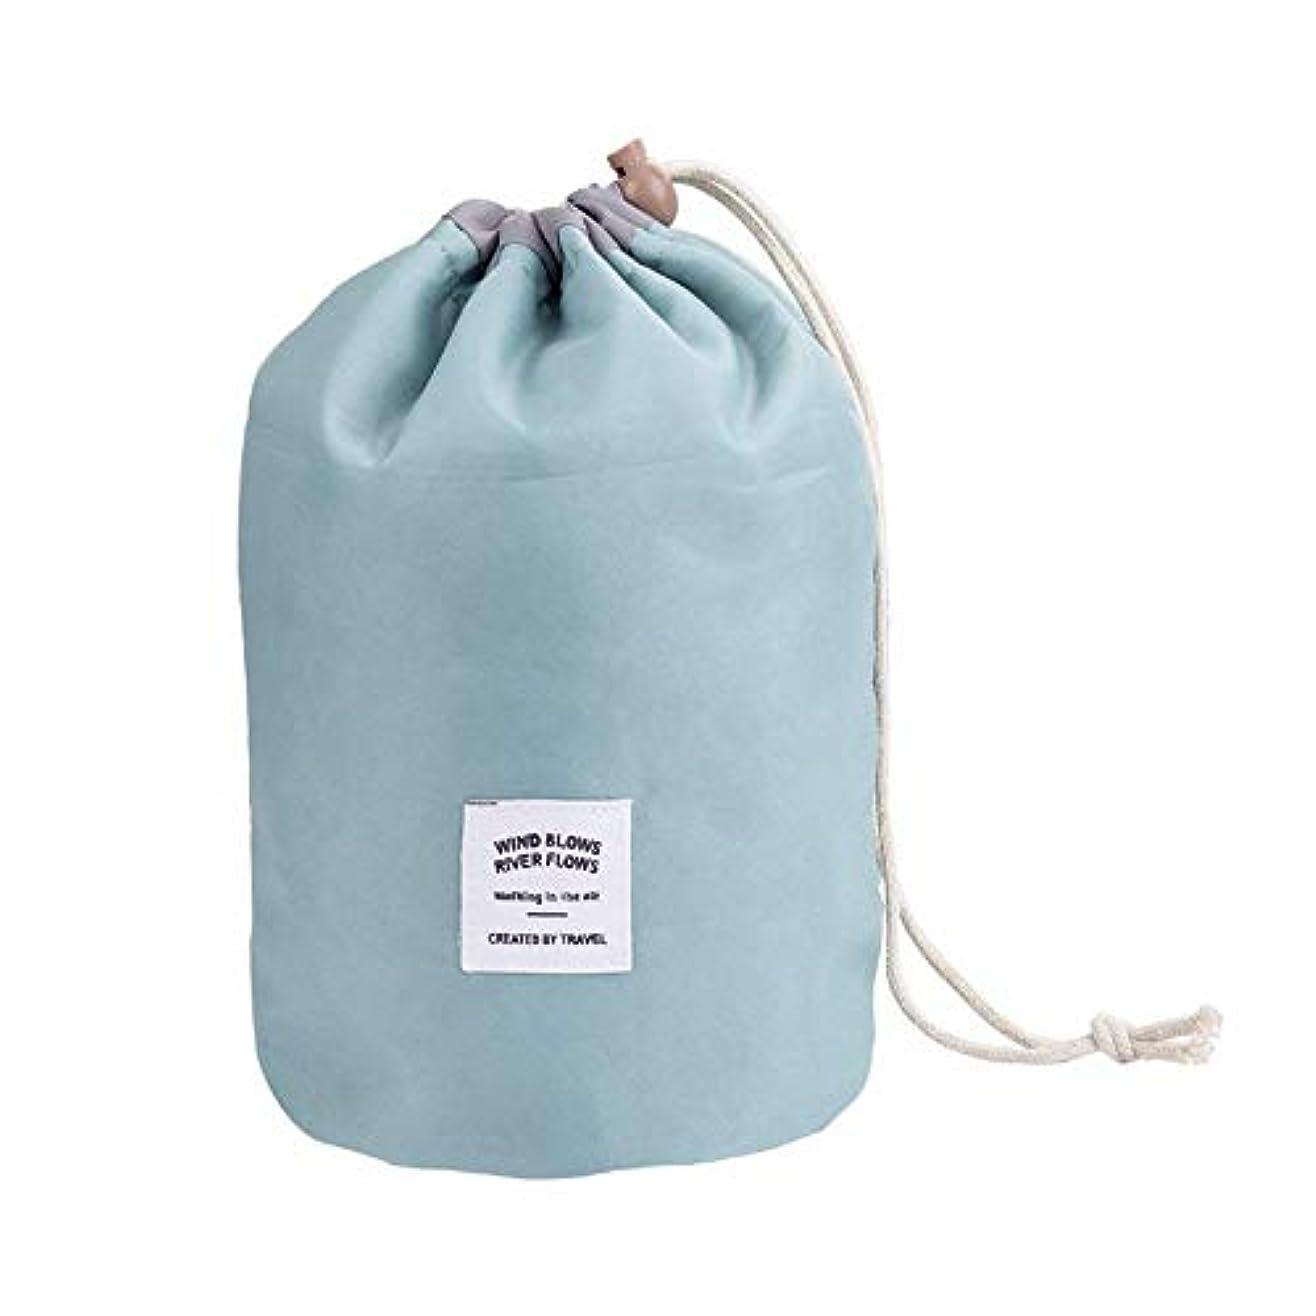 淡いステレオタイプアクセント化粧オーガナイザーバッグ ポータブル防水旅行コスメティックバッグトラベルセットストレージバッグバスルームストレージ巾着化粧品バッグポータブル 化粧品ケース (色 : 緑)